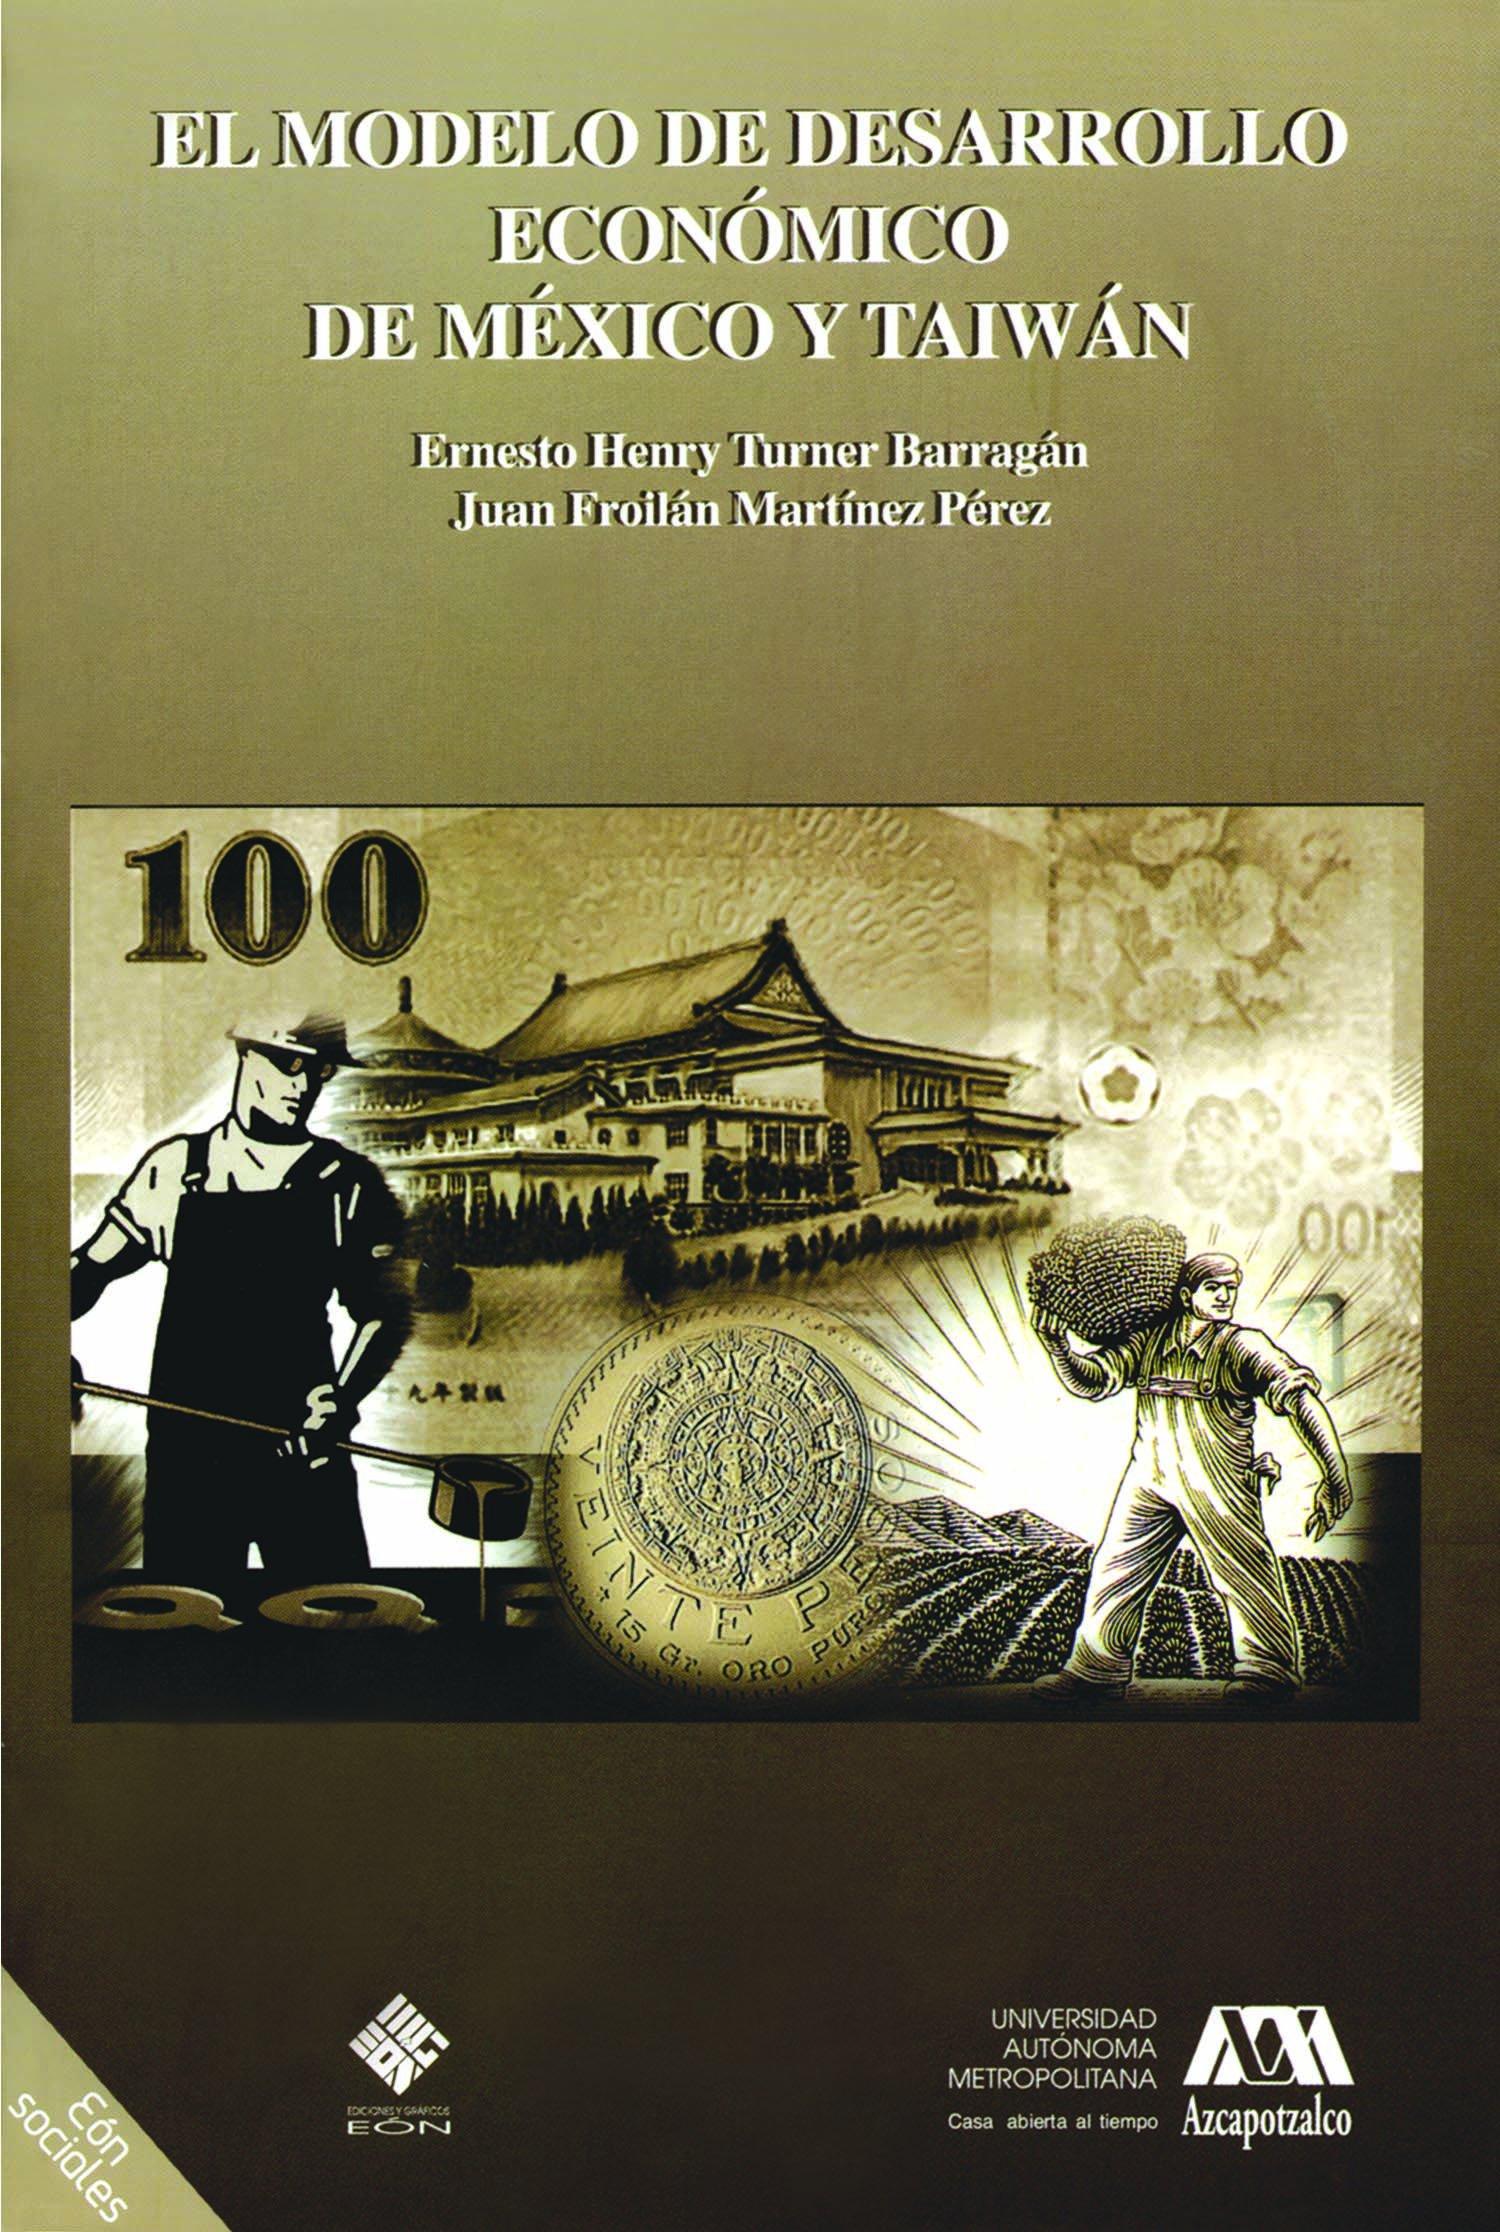 Download El modelo de desarrollo economico de Mexico y Taiwan/ The Model of the Economic Development of Mexico and Taiwan (Spanish Edition) pdf